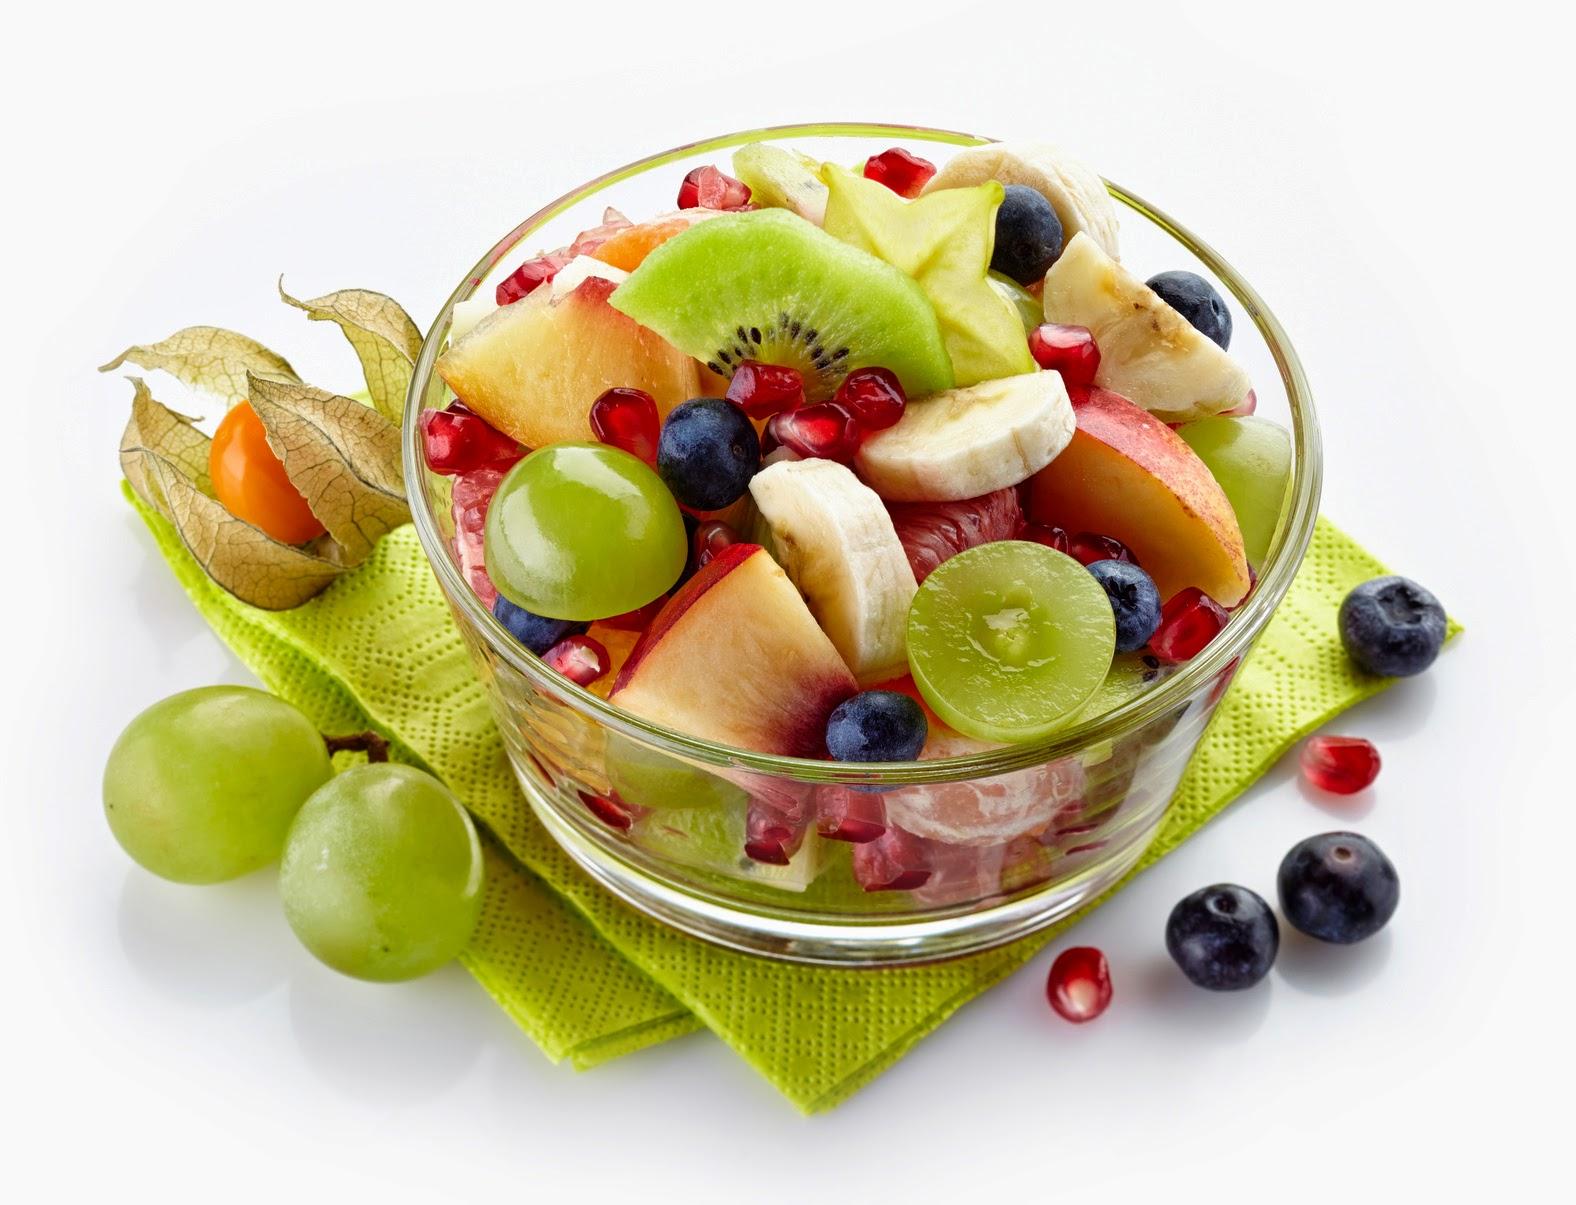 Cenar fruta para bajar de peso